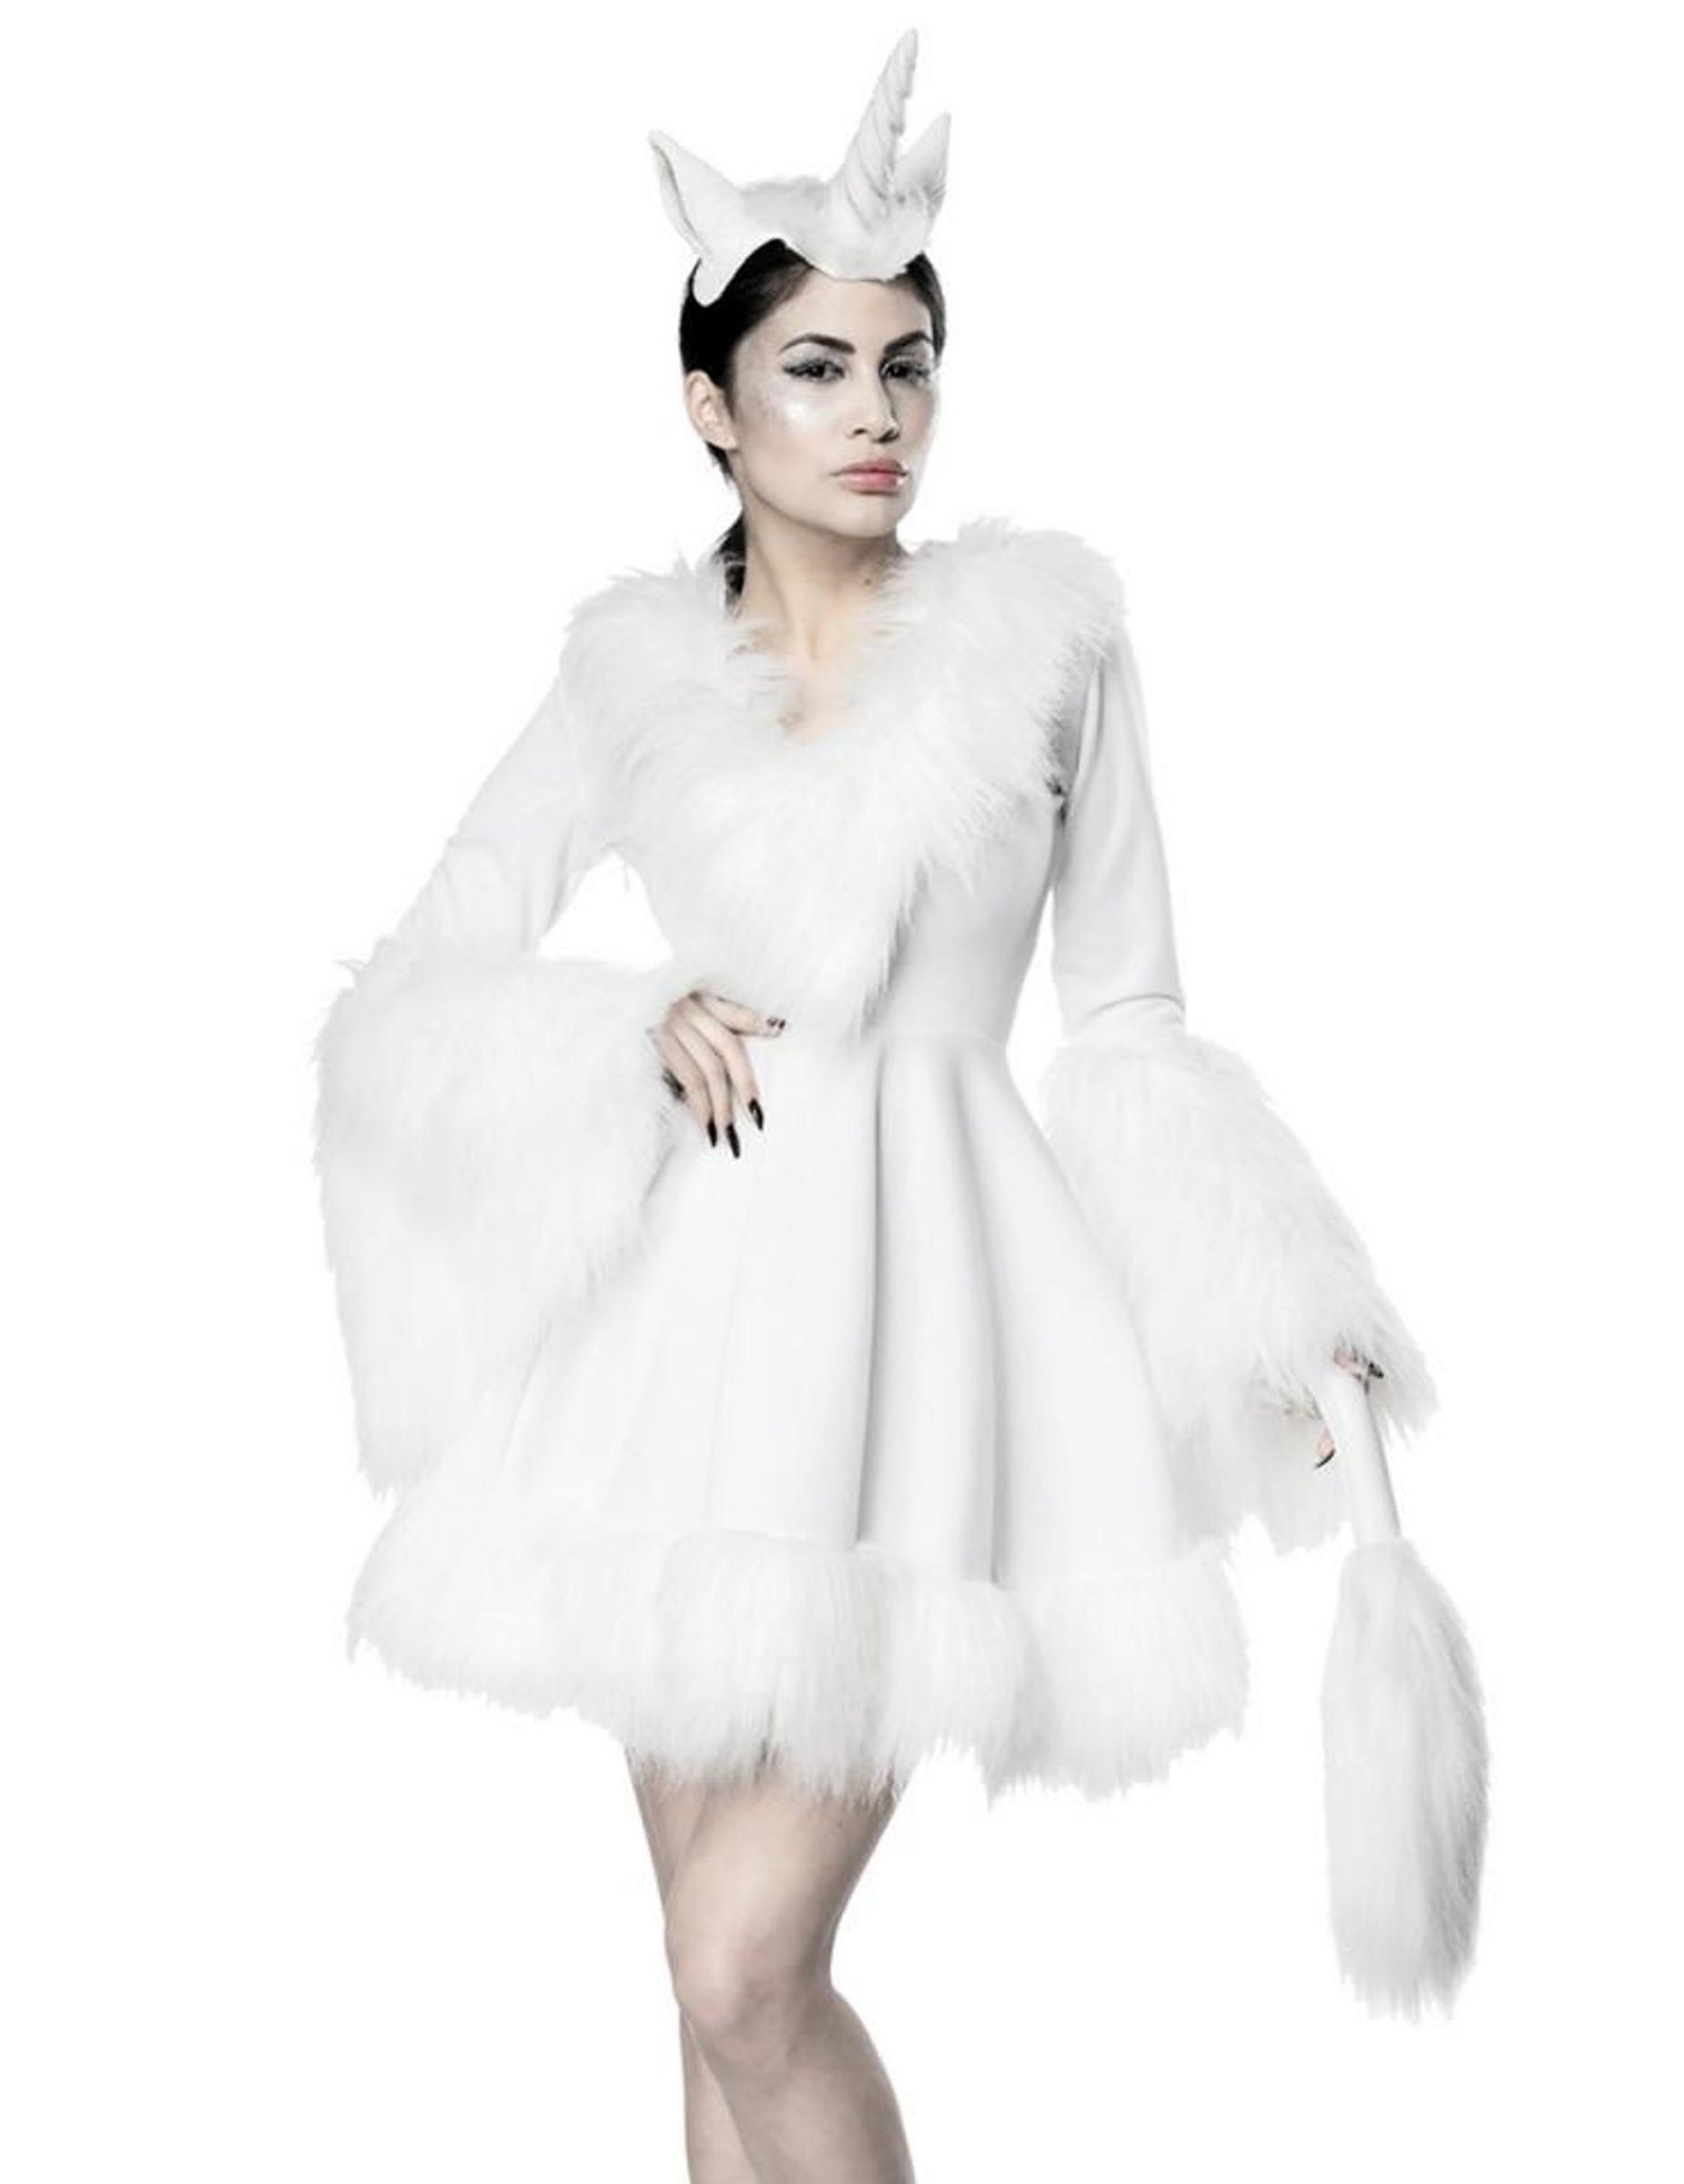 Sexy Déguisement Licorne FemmeDeguise Robe De Blanche ToiAchat fybY67g